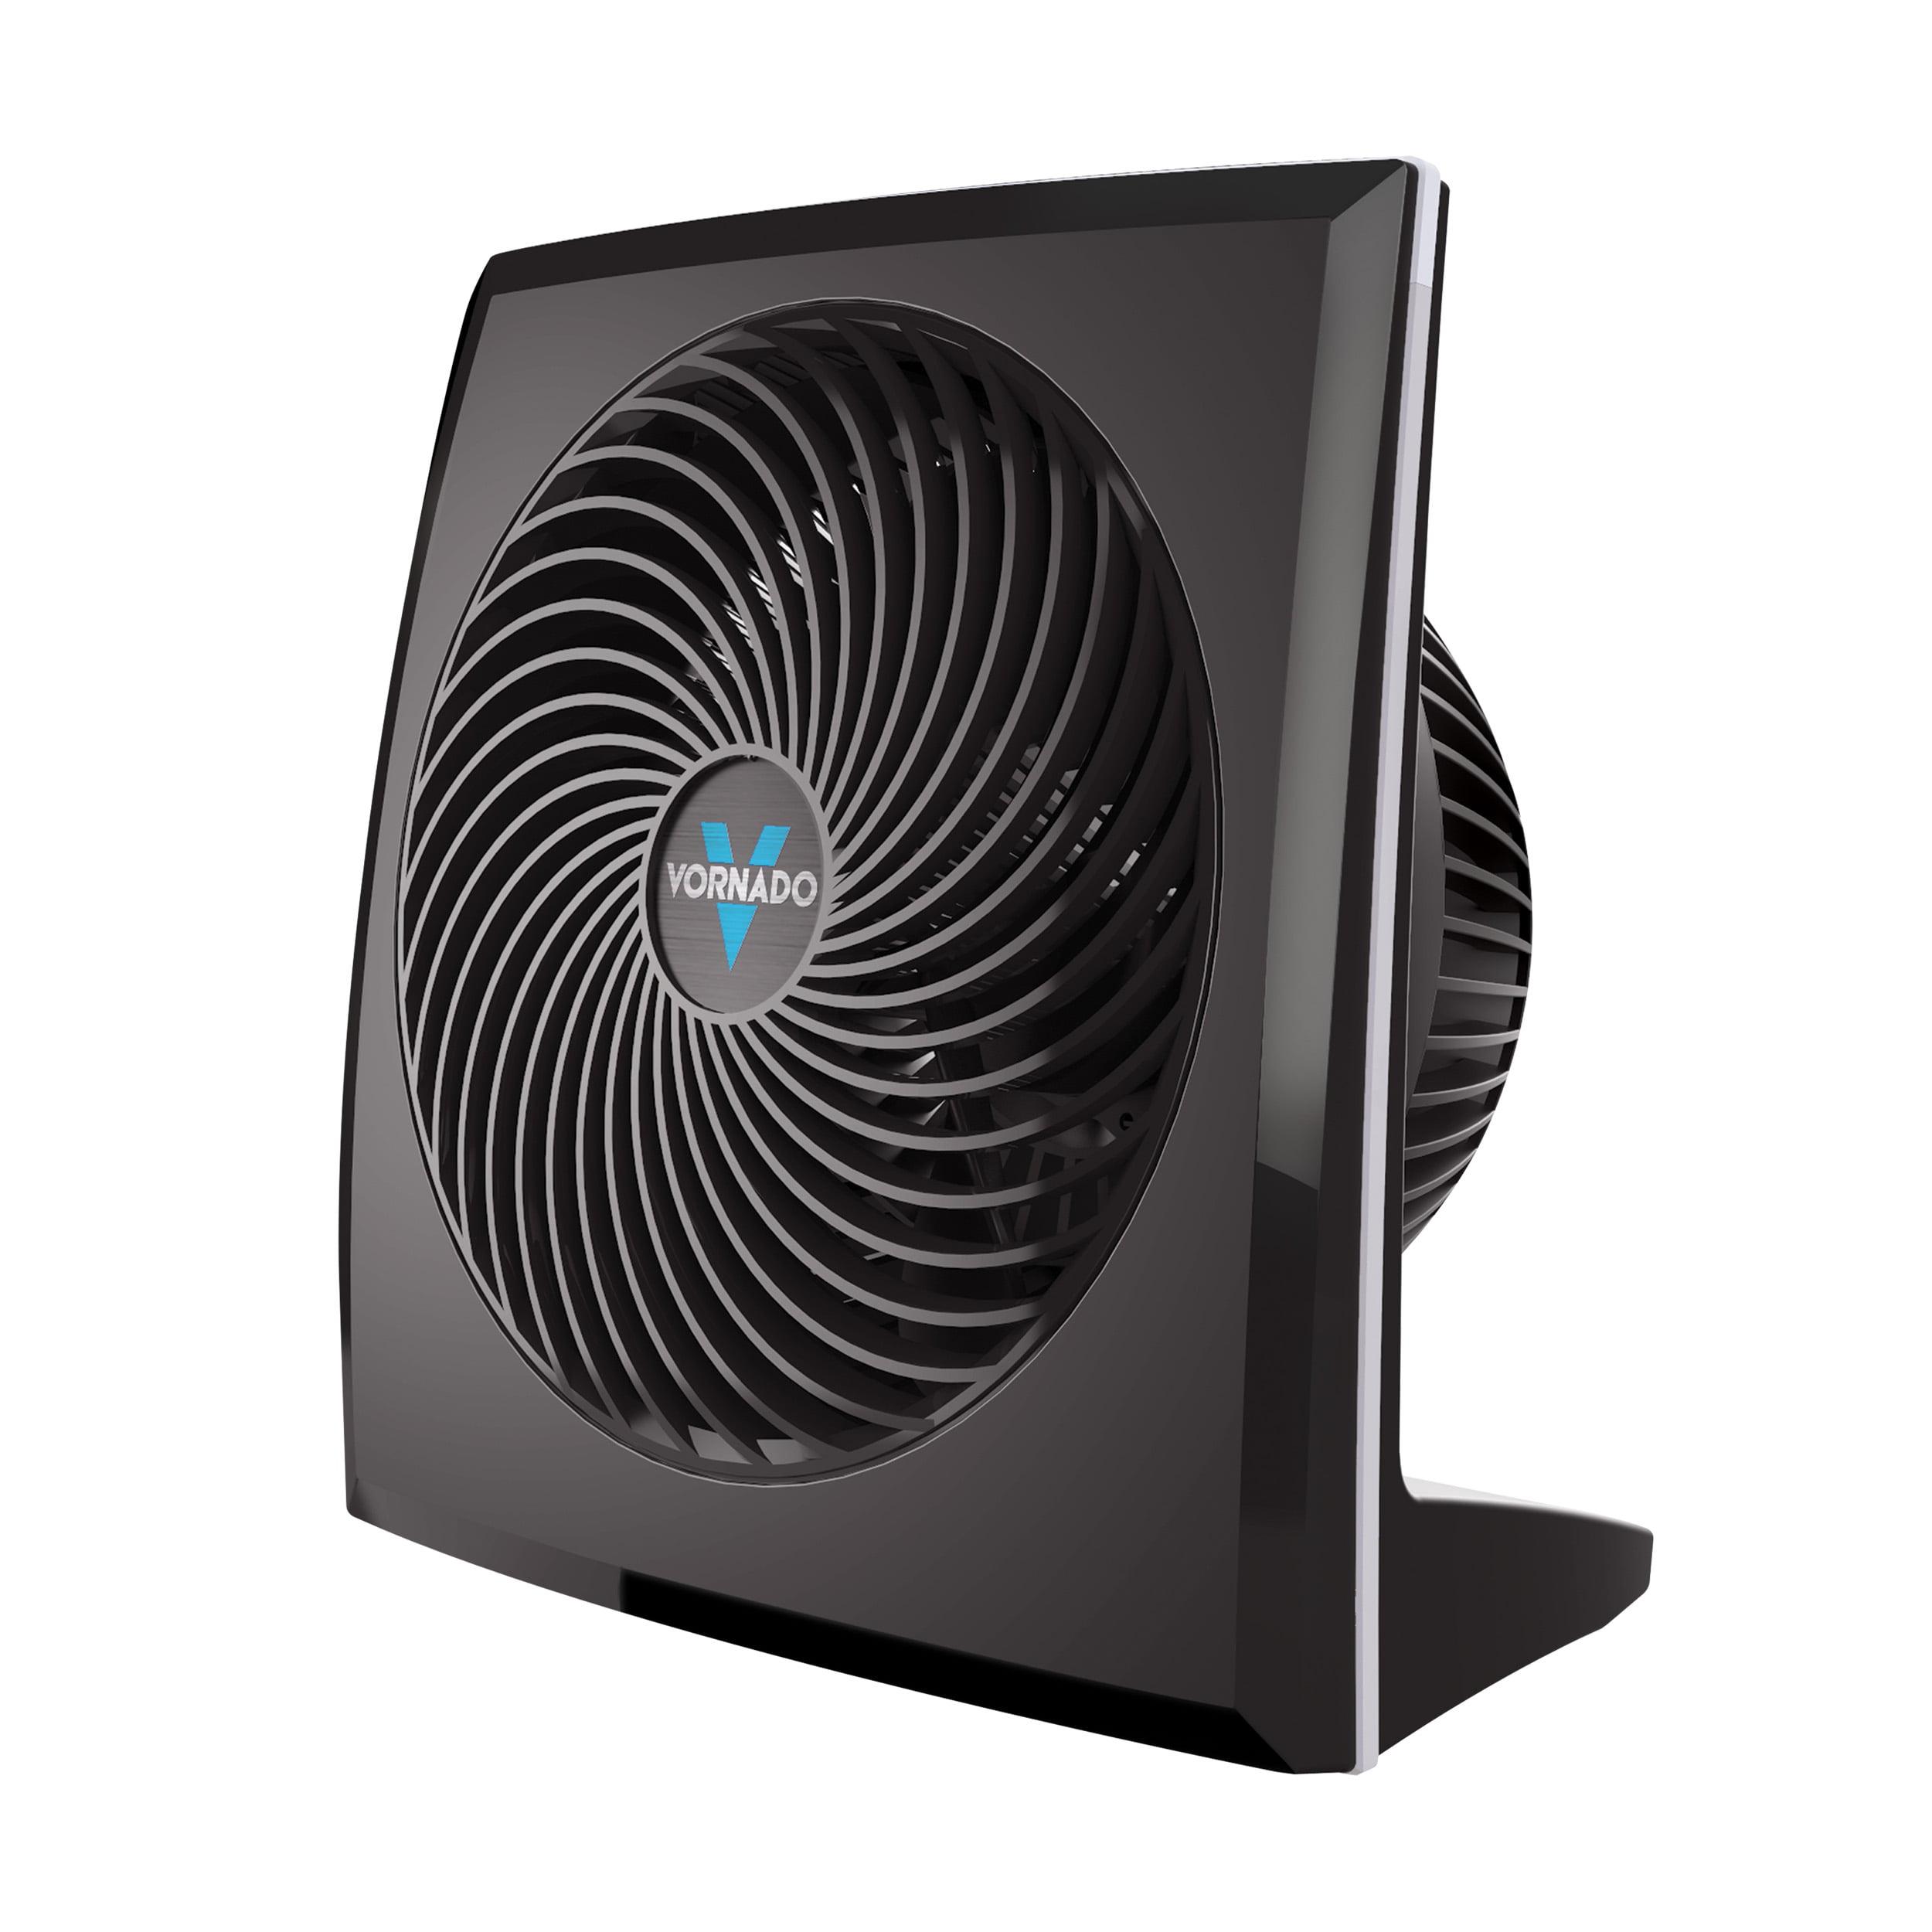 Vornado 673 Medium Panel Whole Room Air Circulator Fan